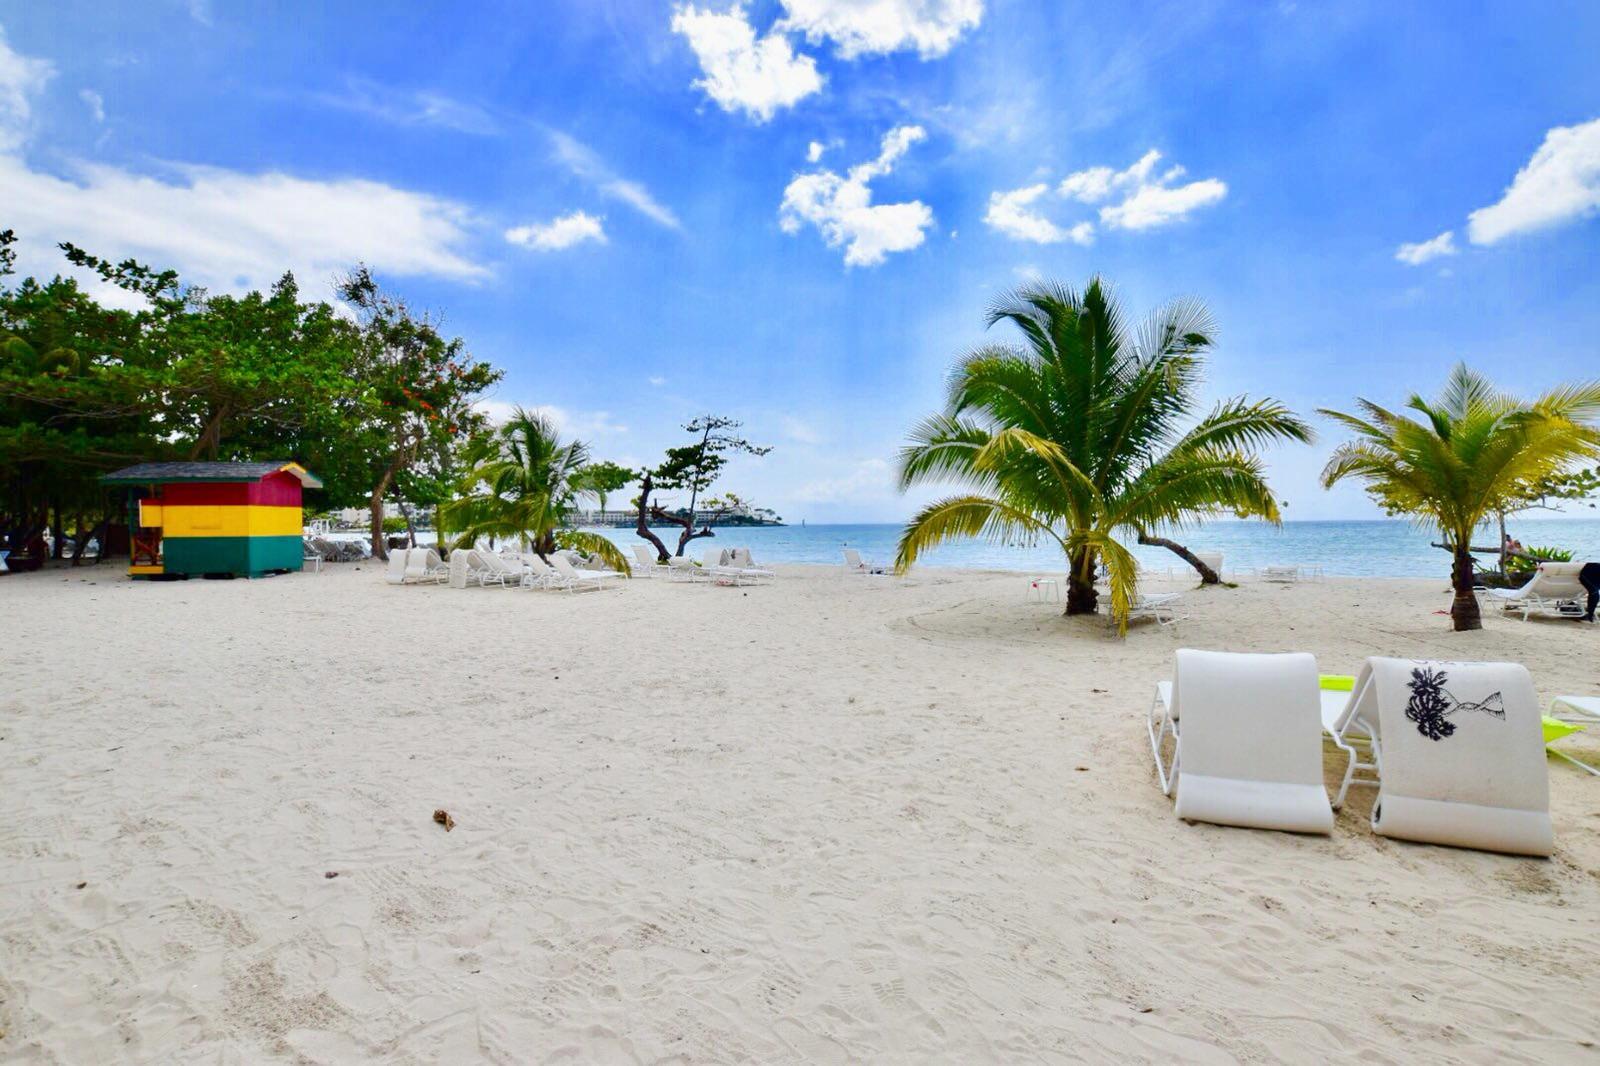 Couples Negril, Negril, Jamaica - Resort Review - Condé